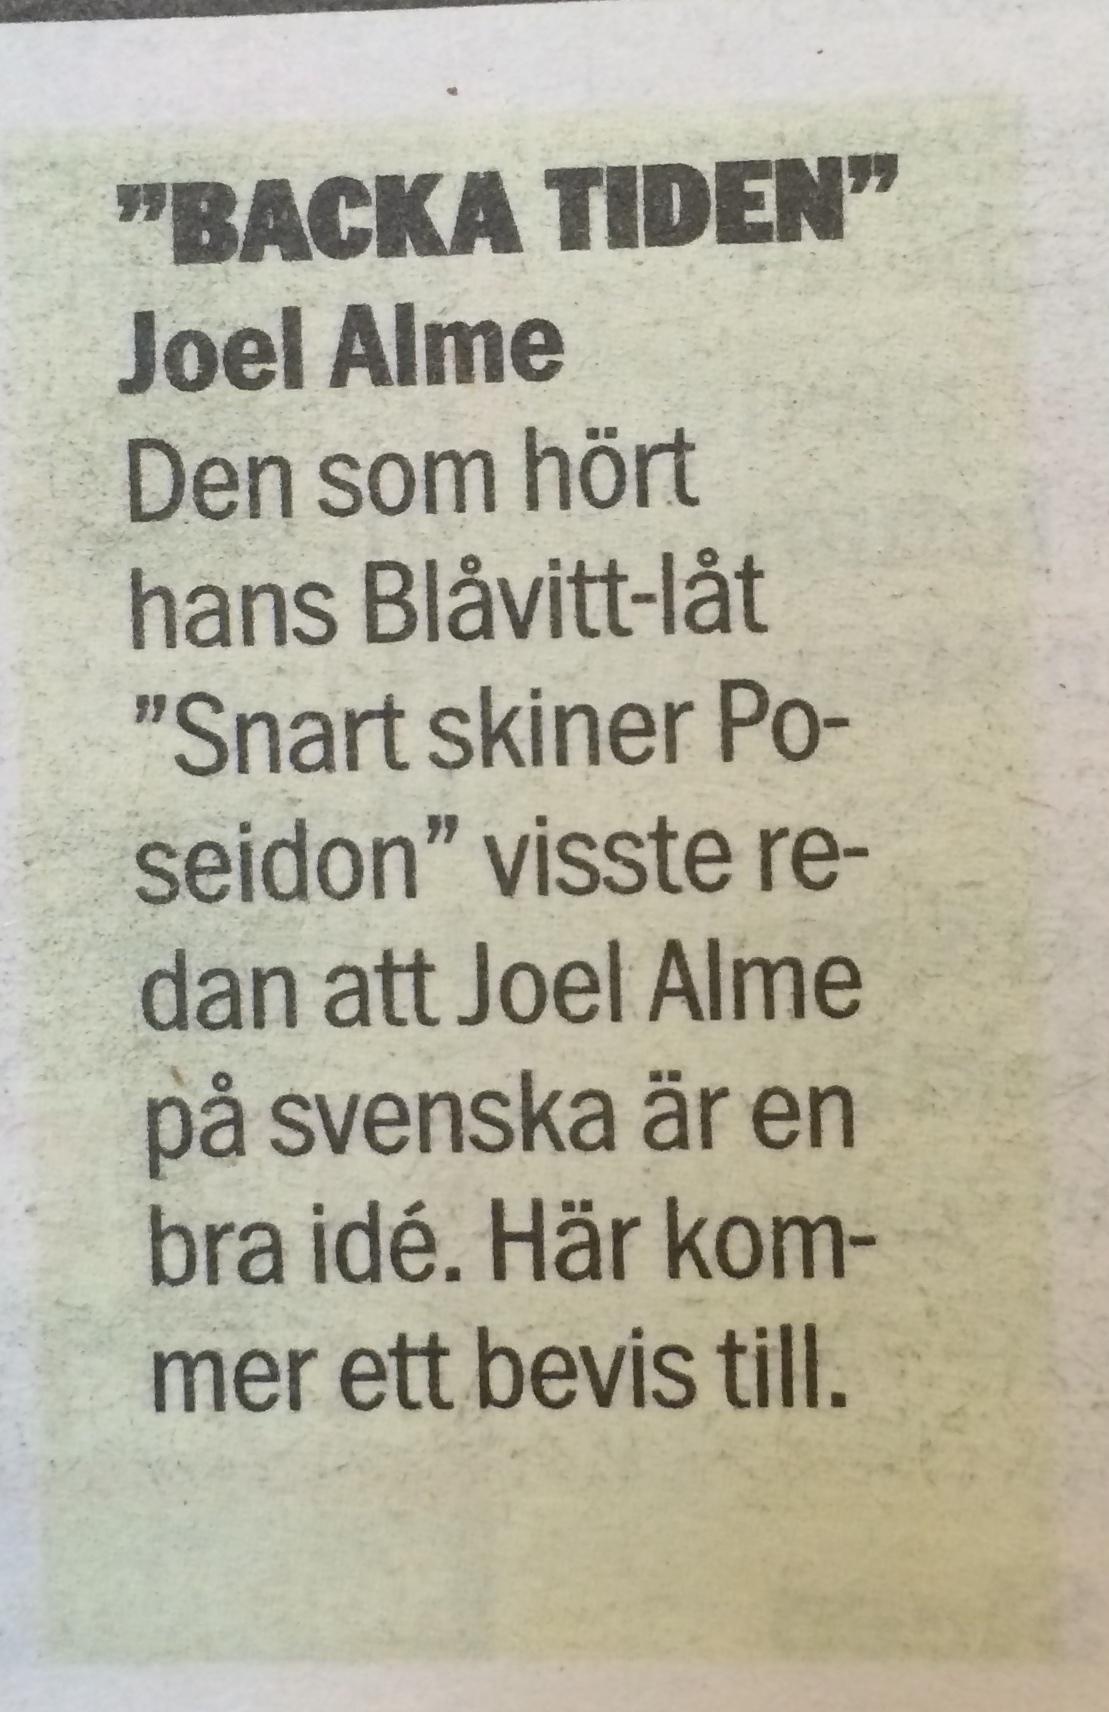 AB veckans spellista - Joel Alme.jpg